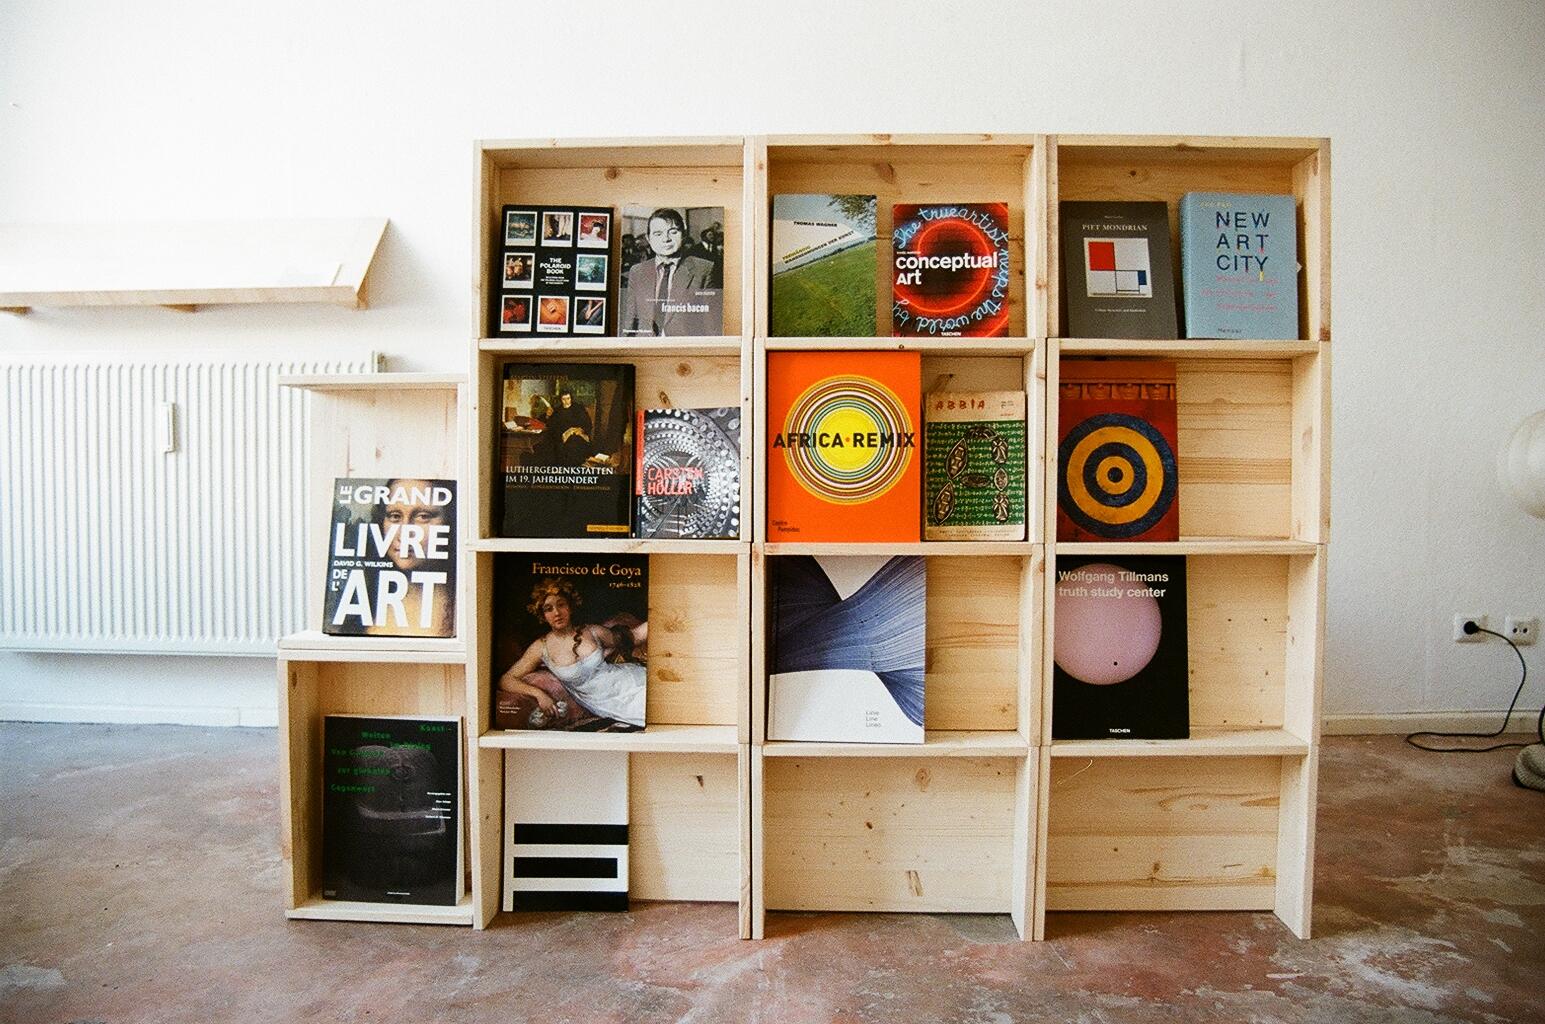 hartz iv m bel berliner hocker. Black Bedroom Furniture Sets. Home Design Ideas